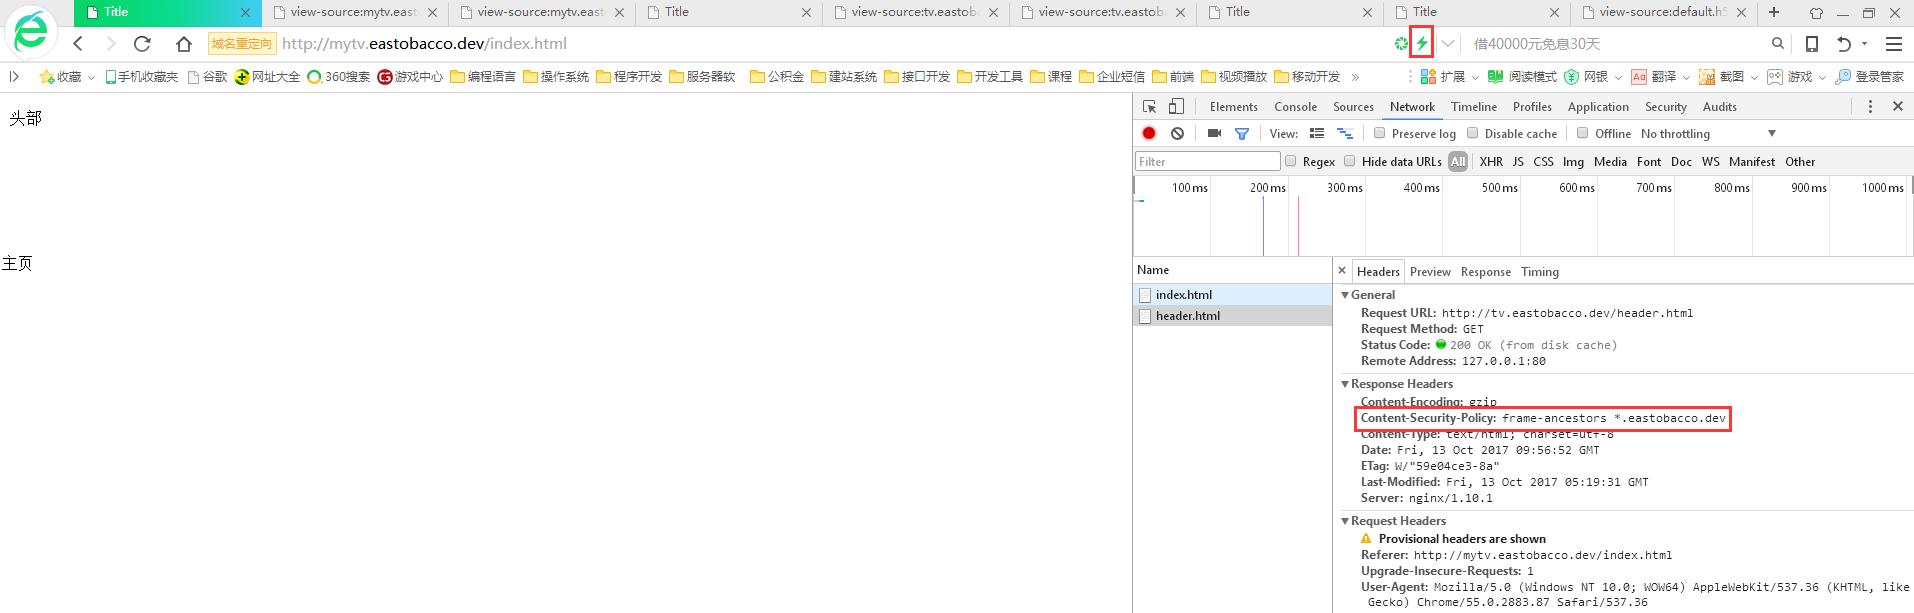 开启极速模式,重复第7步骤,发现header.html可以在mytv域名下展示,符合预期